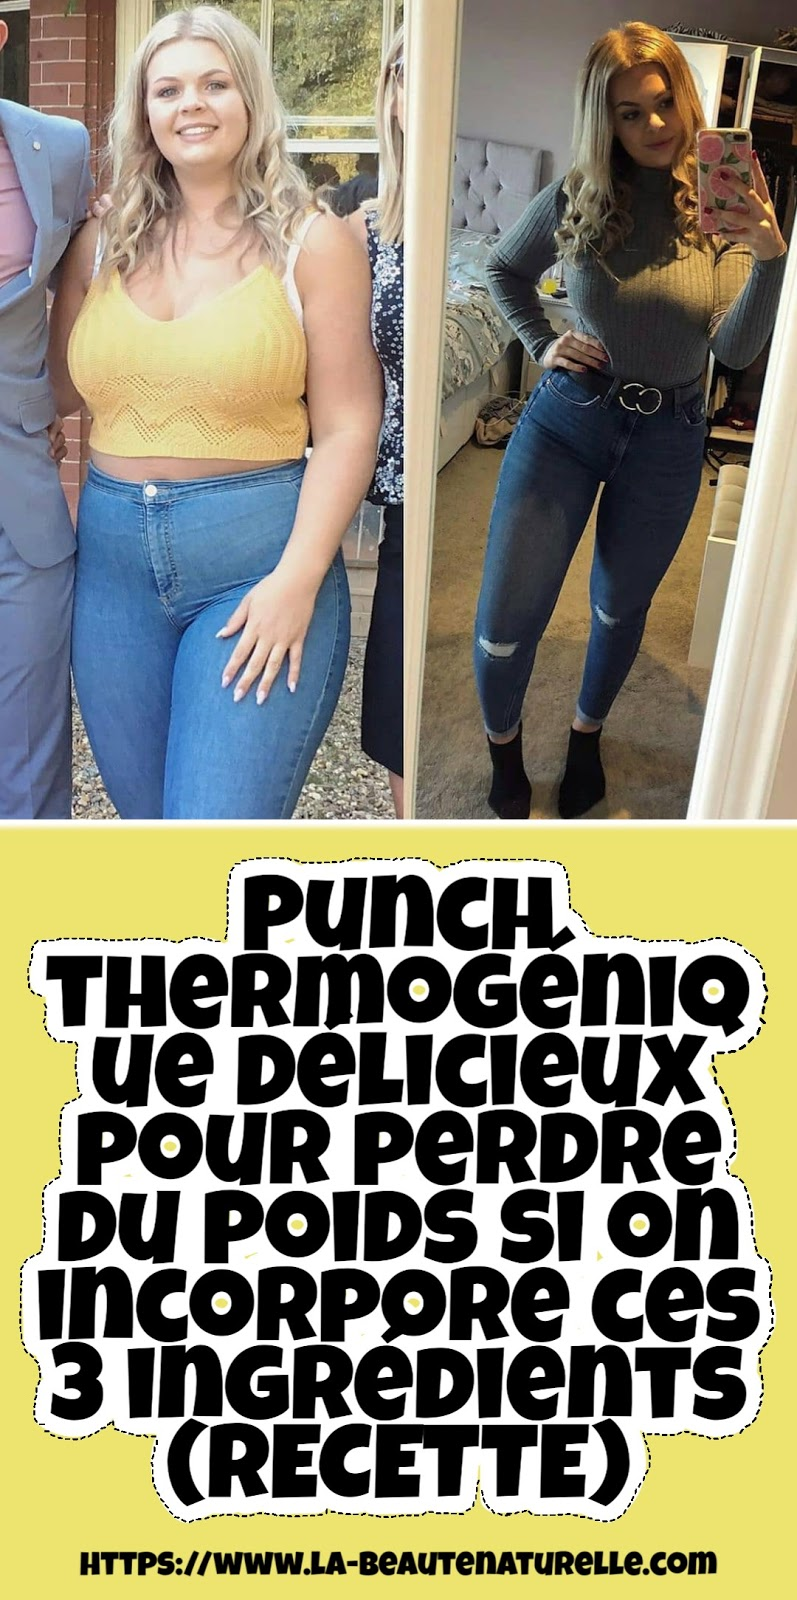 Punch thermogénique délicieux pour perdre du poids si on incorpore ces 3 ingrédients (RECETTE)